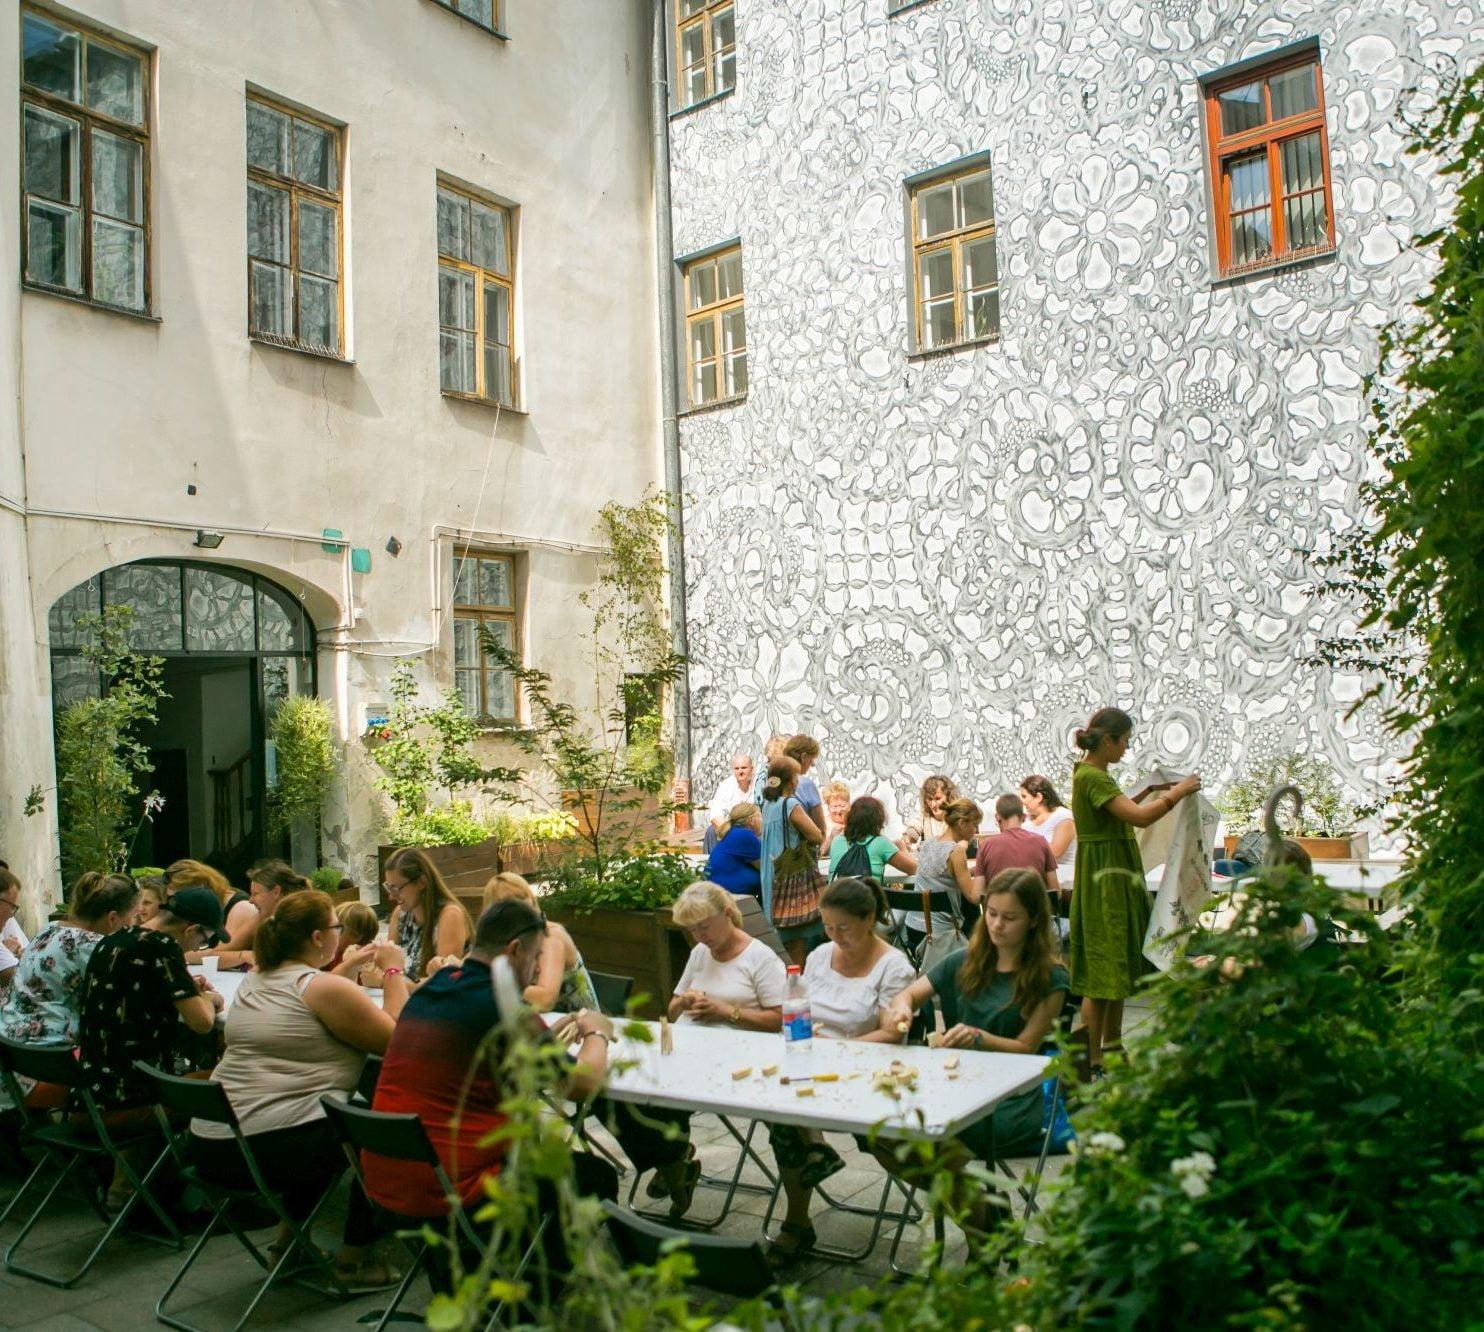 Patio kamienicy, w której siedzibę mają Warsztaty Kultury. . Na patio, pośród zieleni rozstawione są stoły przy których odbywają się warsztaty